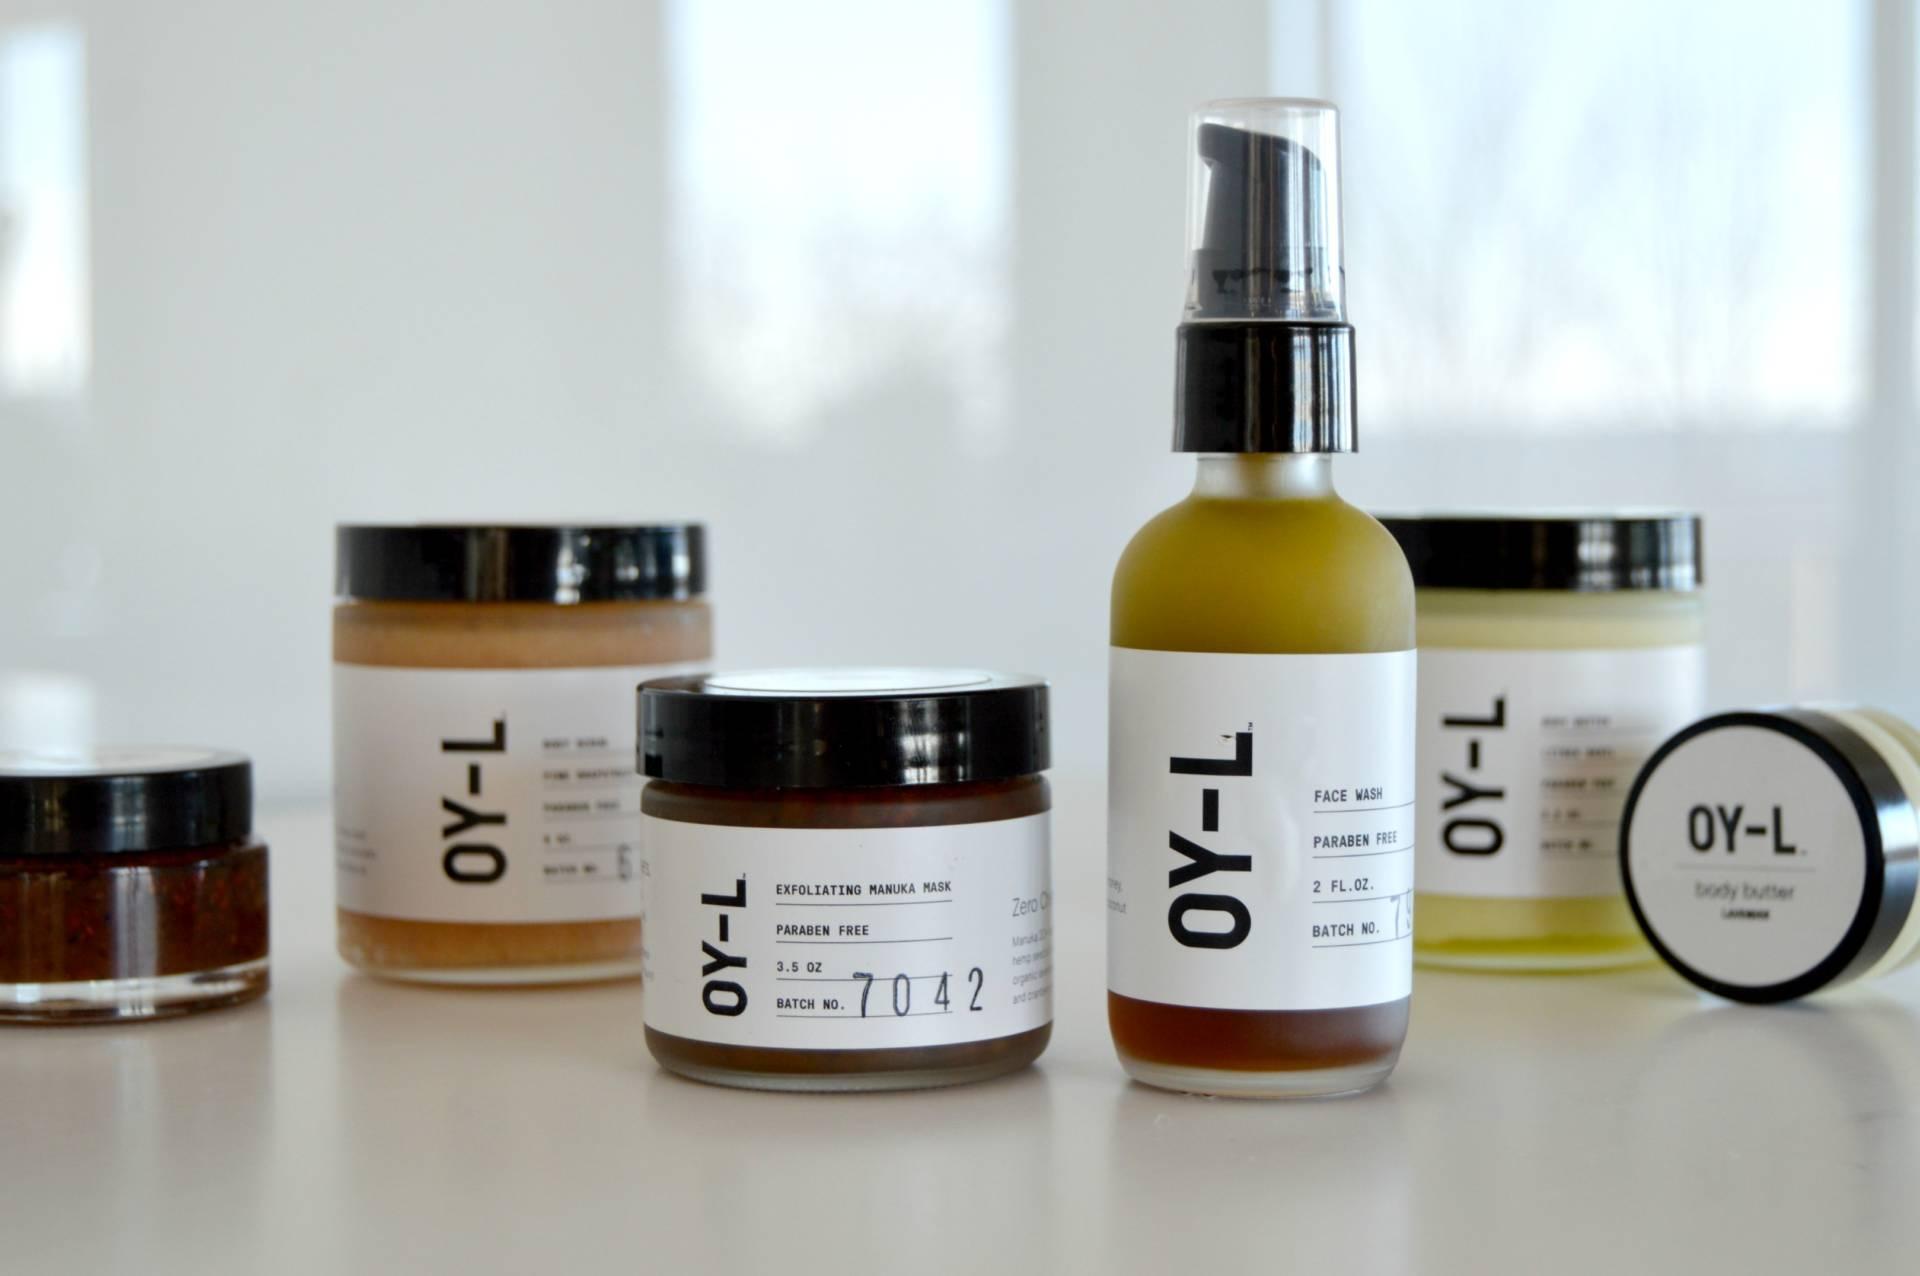 100% natural skincare